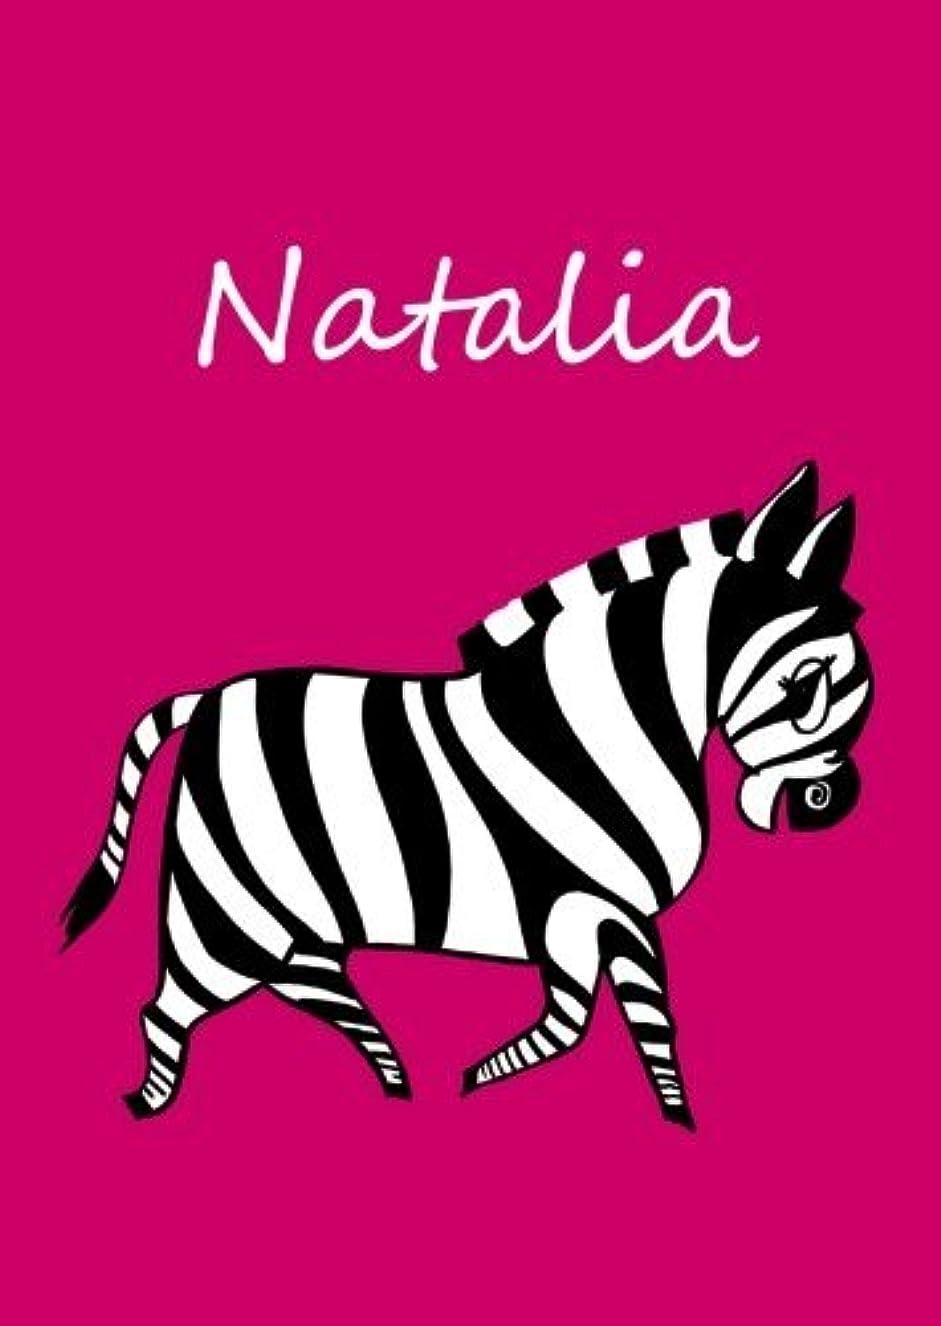 対話輸送小道Natalia: personalisiertes Malbuch / Notizbuch / Tagebuch - Zebra - A4 - blanko